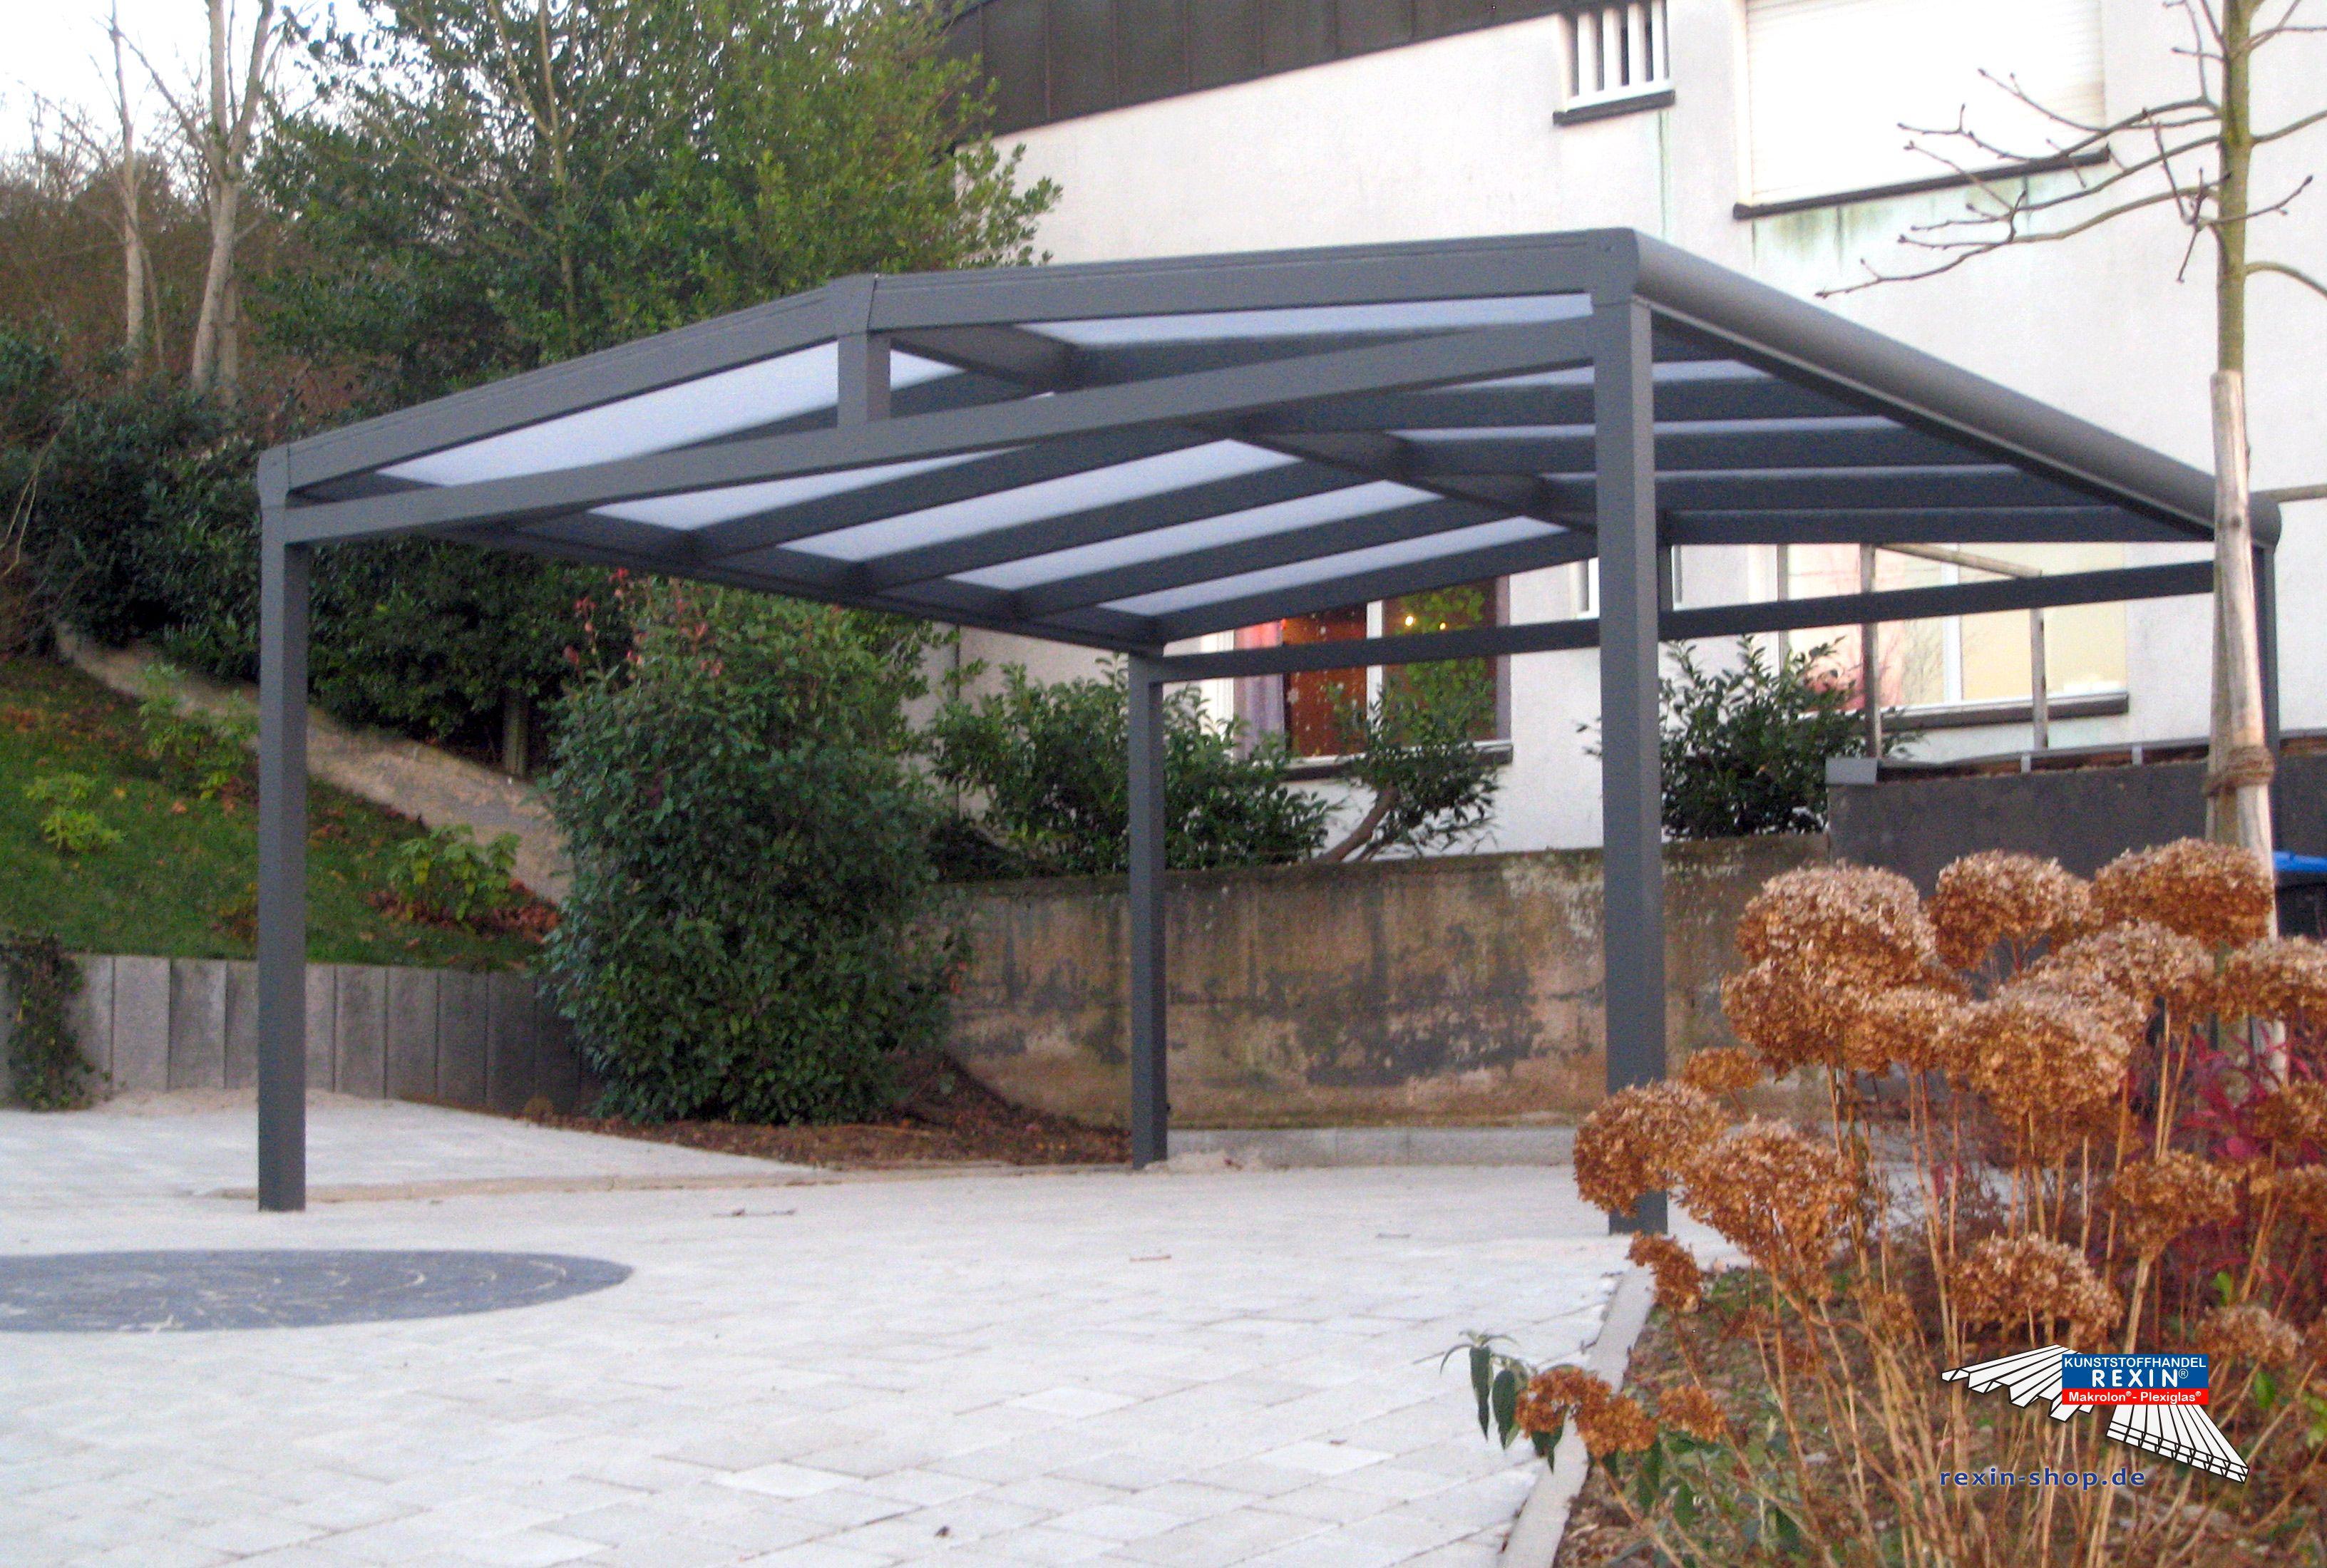 Alu Carport Der Marke Rexoport 5 12m X 5m In Anthrazit Bei Diesem Freistehenden Aluminium Doppelcarport Mit Satteld Alu Carport Carport Pergola Dach